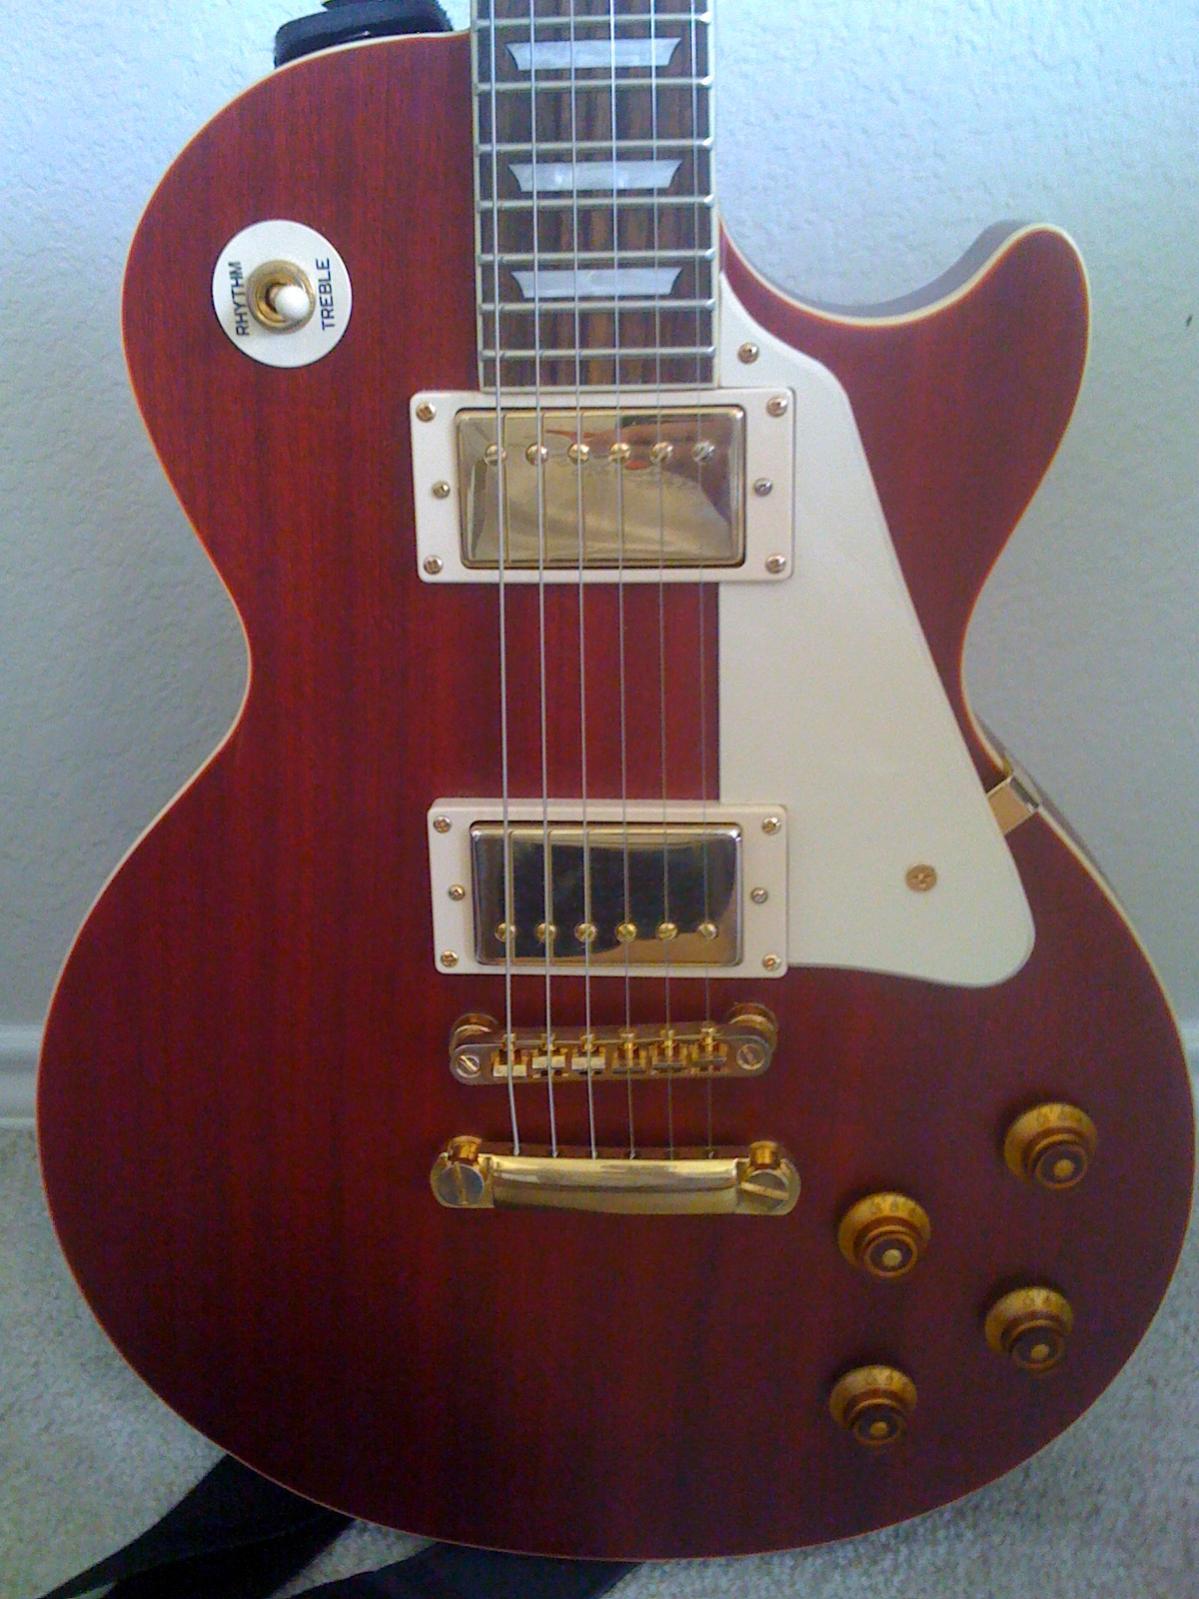 Epiphone Les Paul Standard Guitar w/AMP - R/C Tech Forums